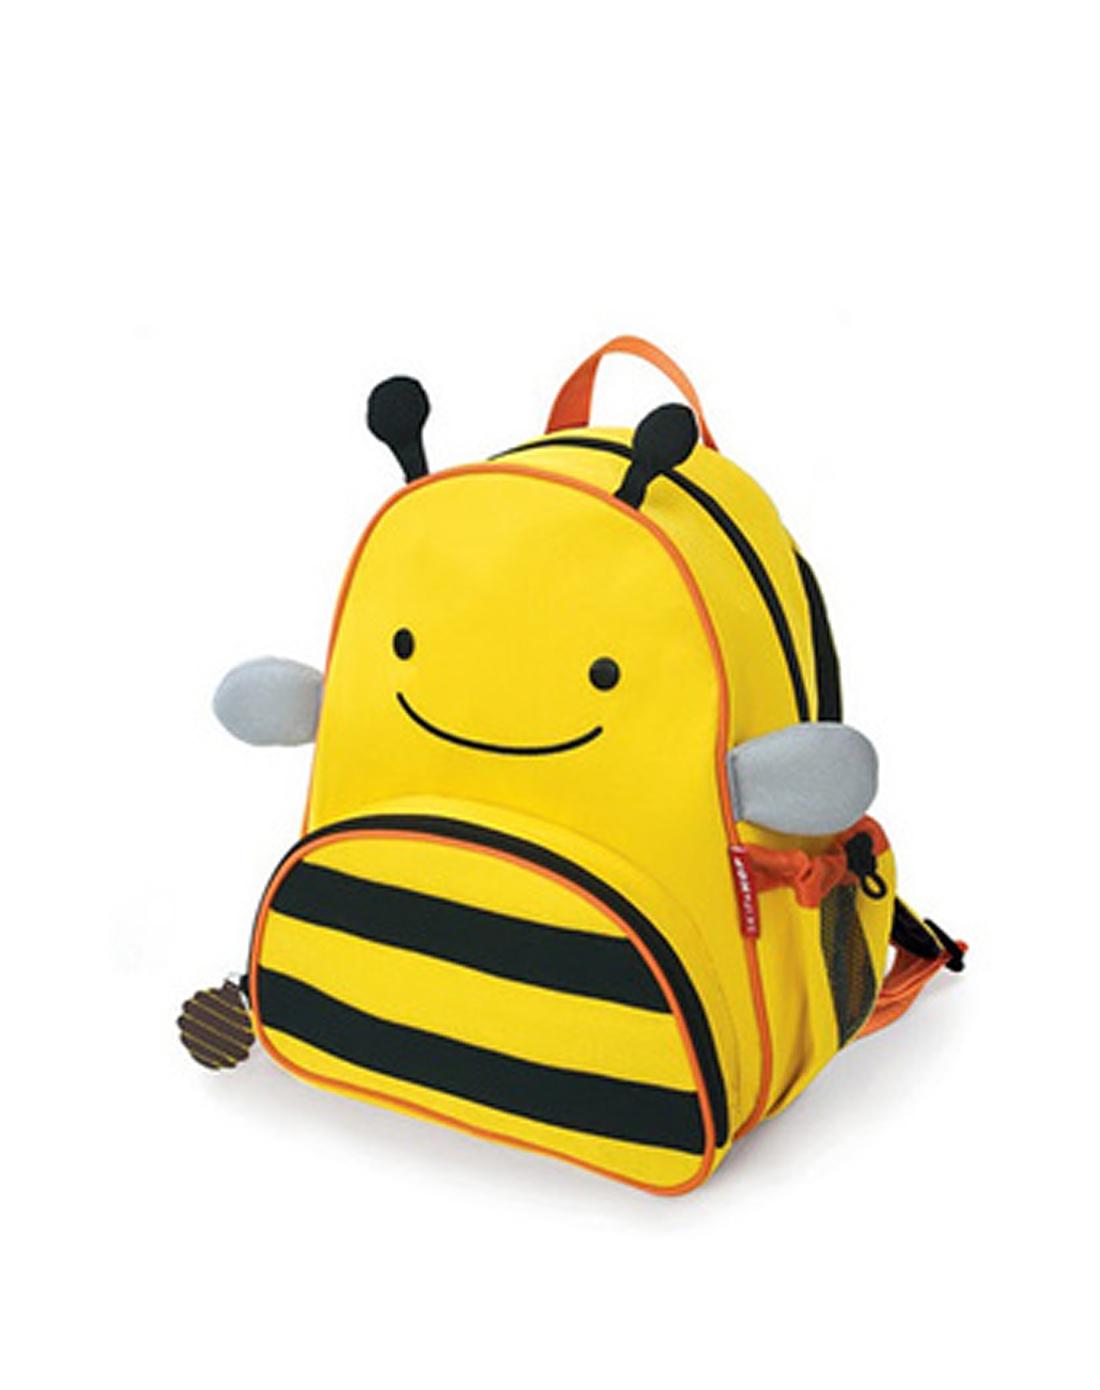 > 可爱儿童双肩背卡通书包(黄蜜蜂)